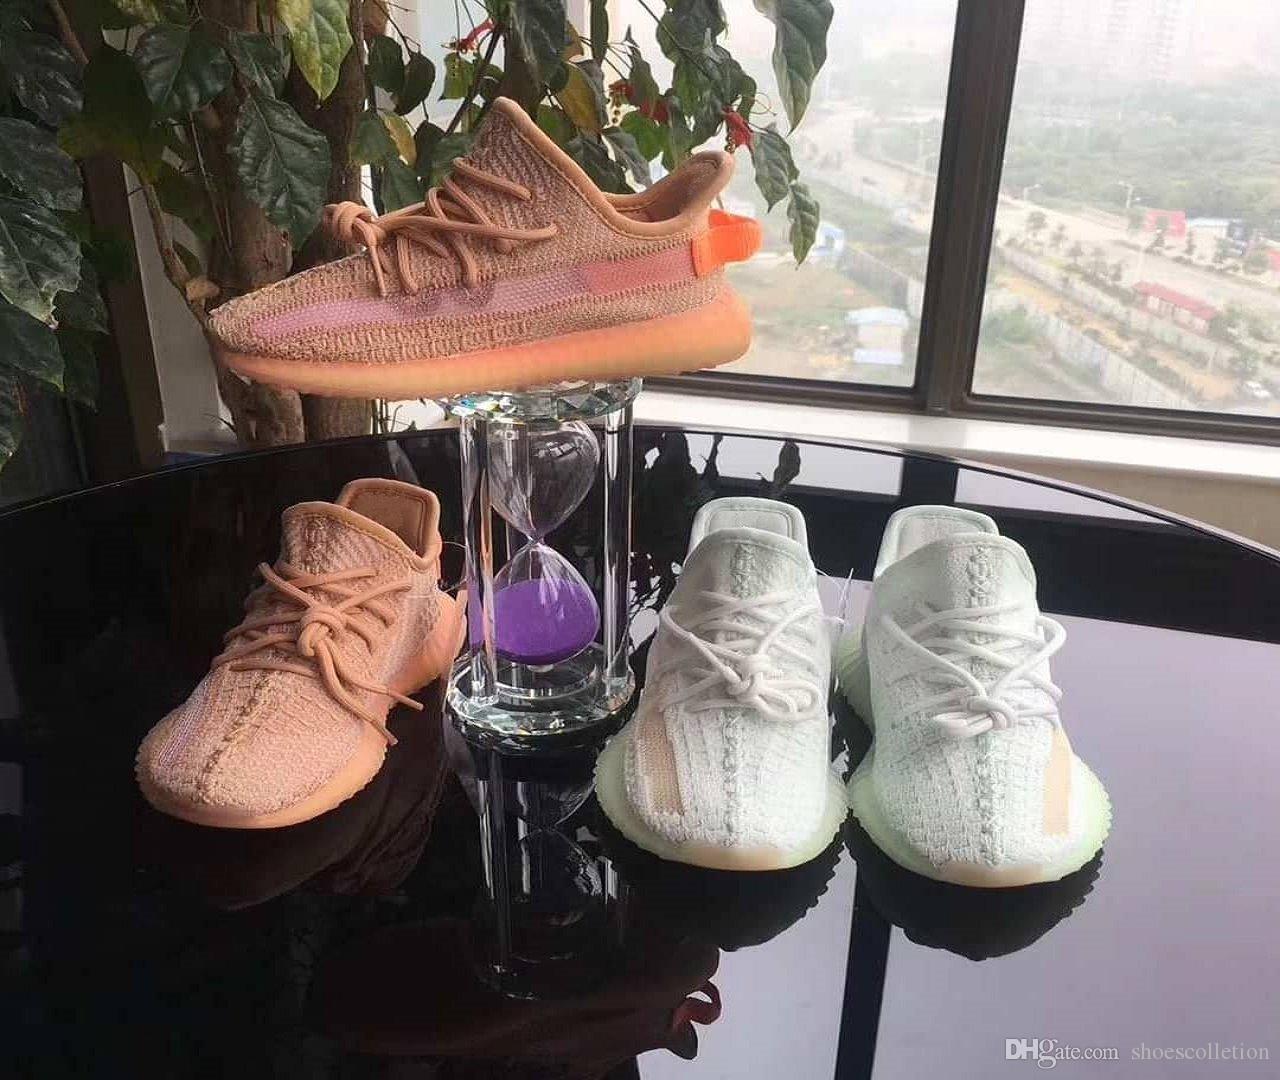 Kanye West V2 Preto estática bebê Crianças tênis verdadeira forma Hiper sapatilhas corredor da onda argila BELUGA branco reflexivo Esportes da menina do menino